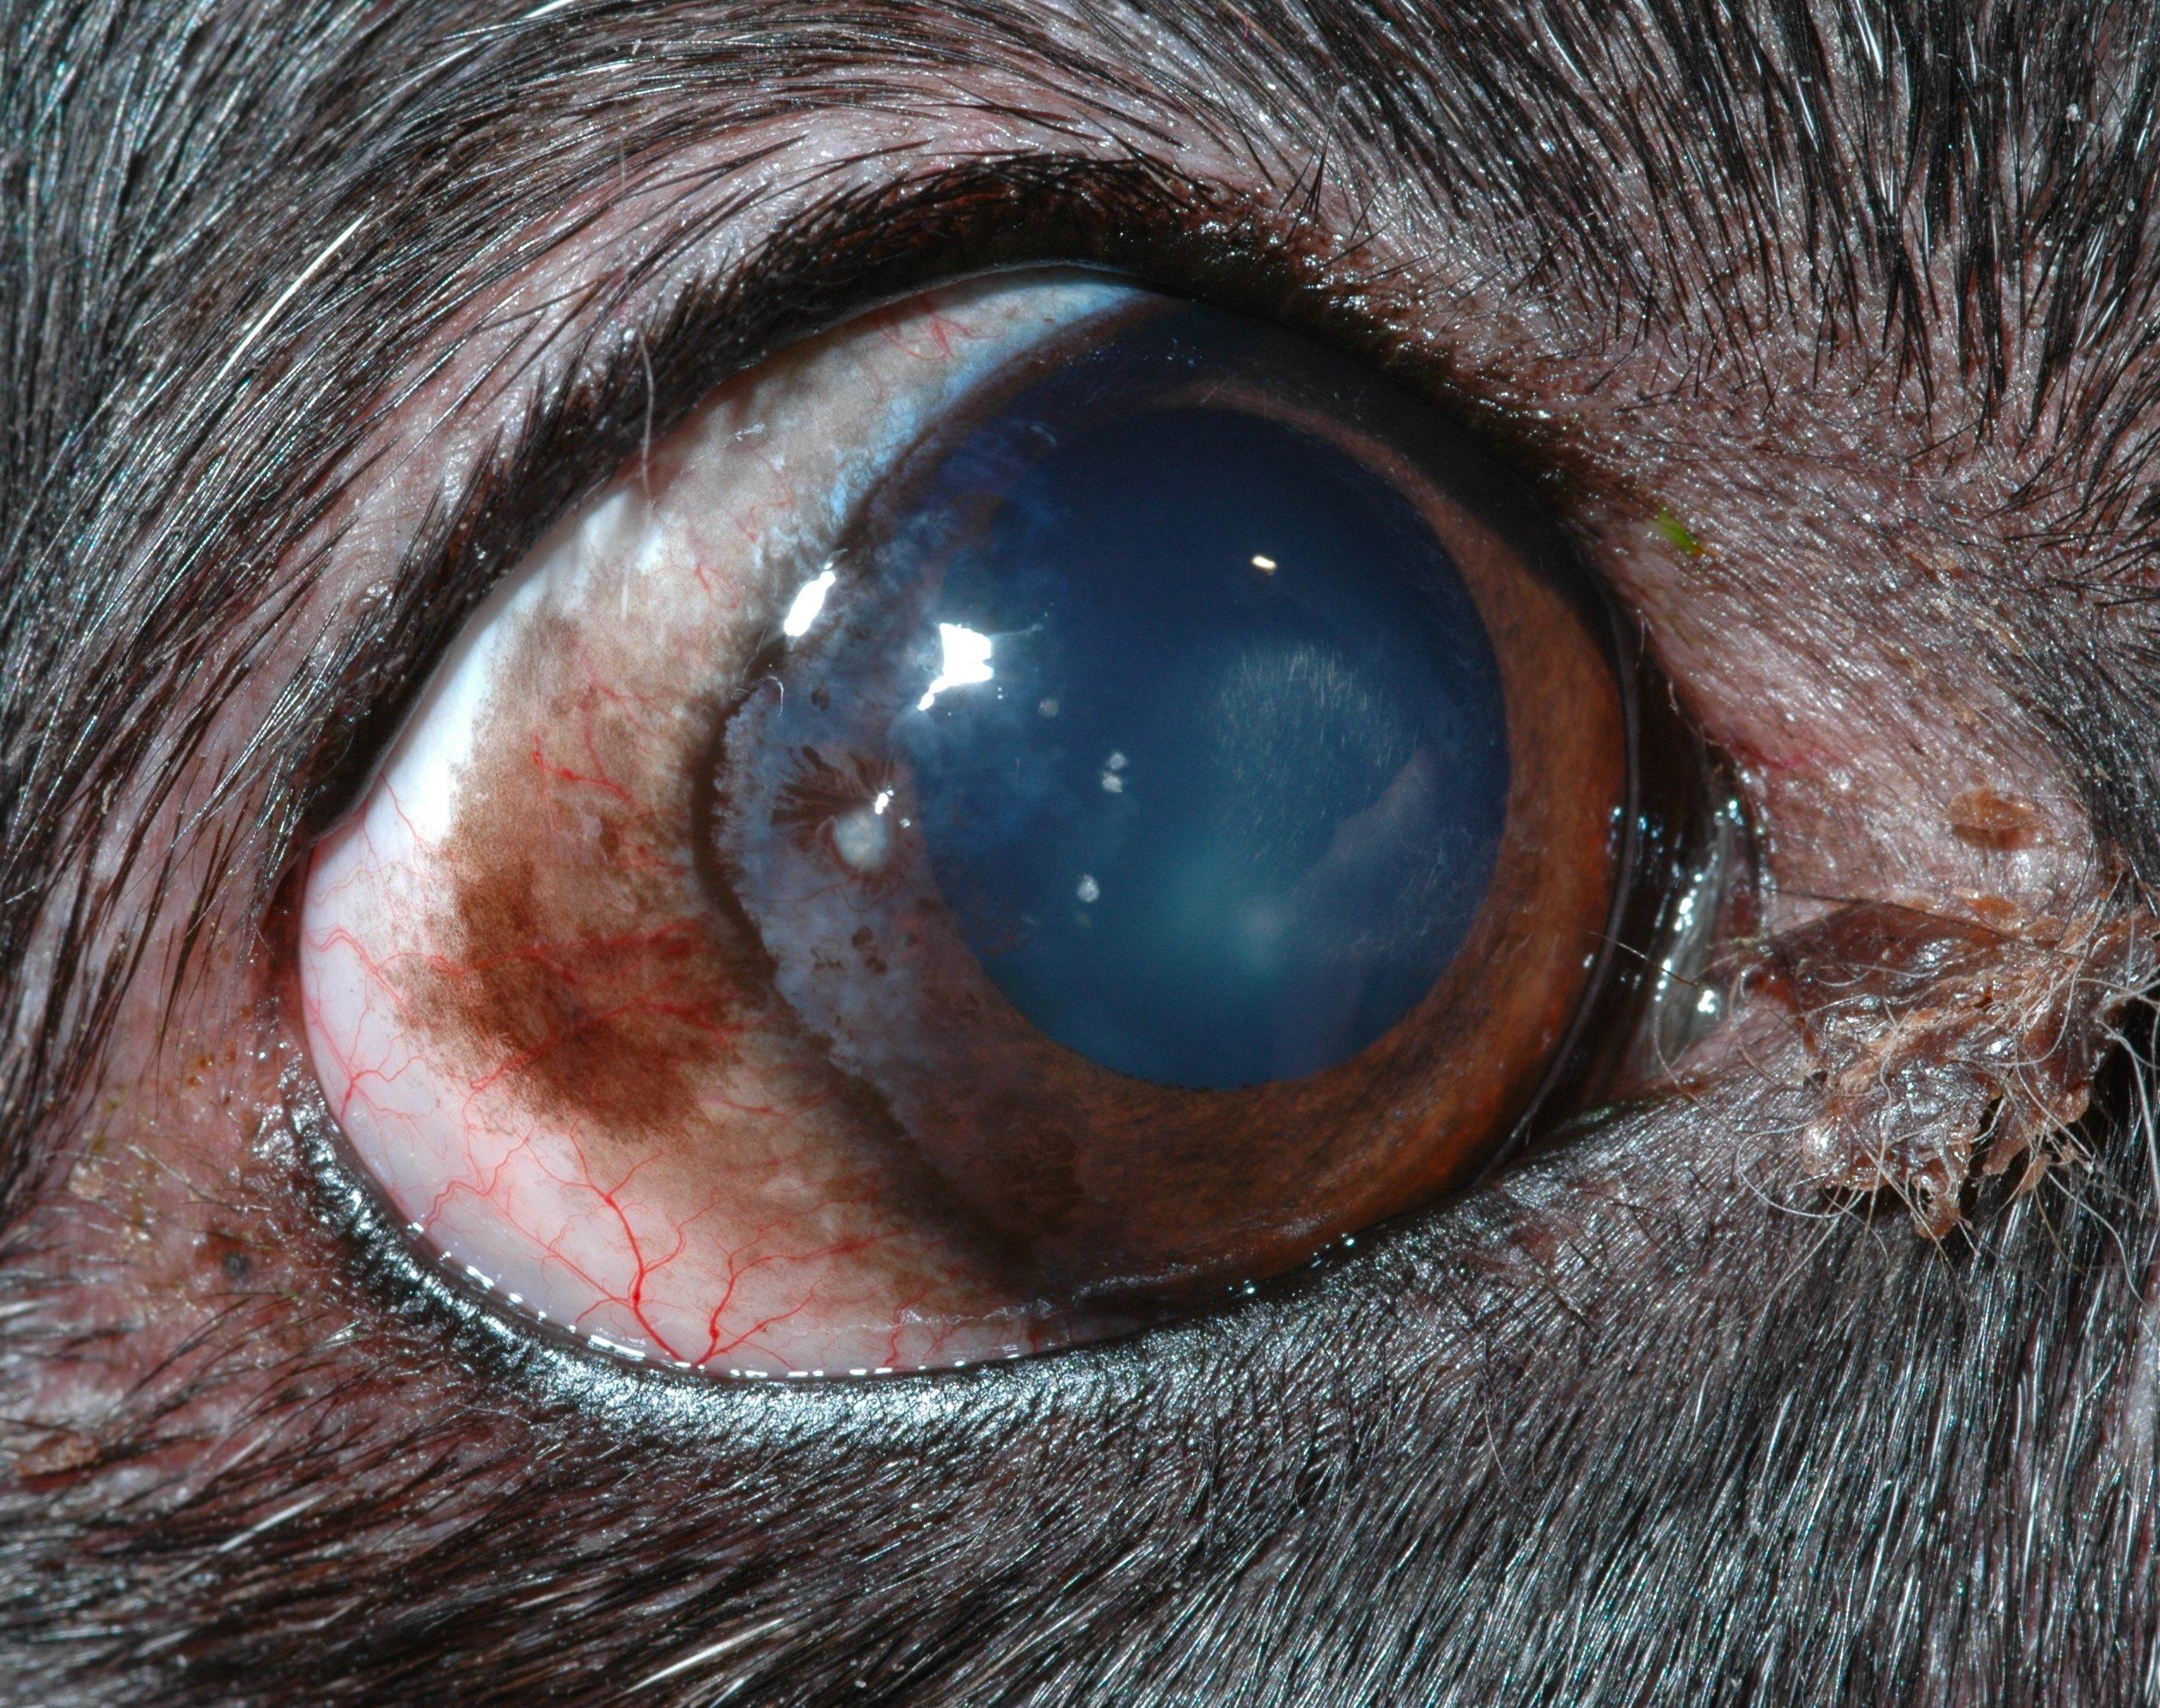 Chronic Superficial Keratitis Csk Canine Animal Eye Clinic